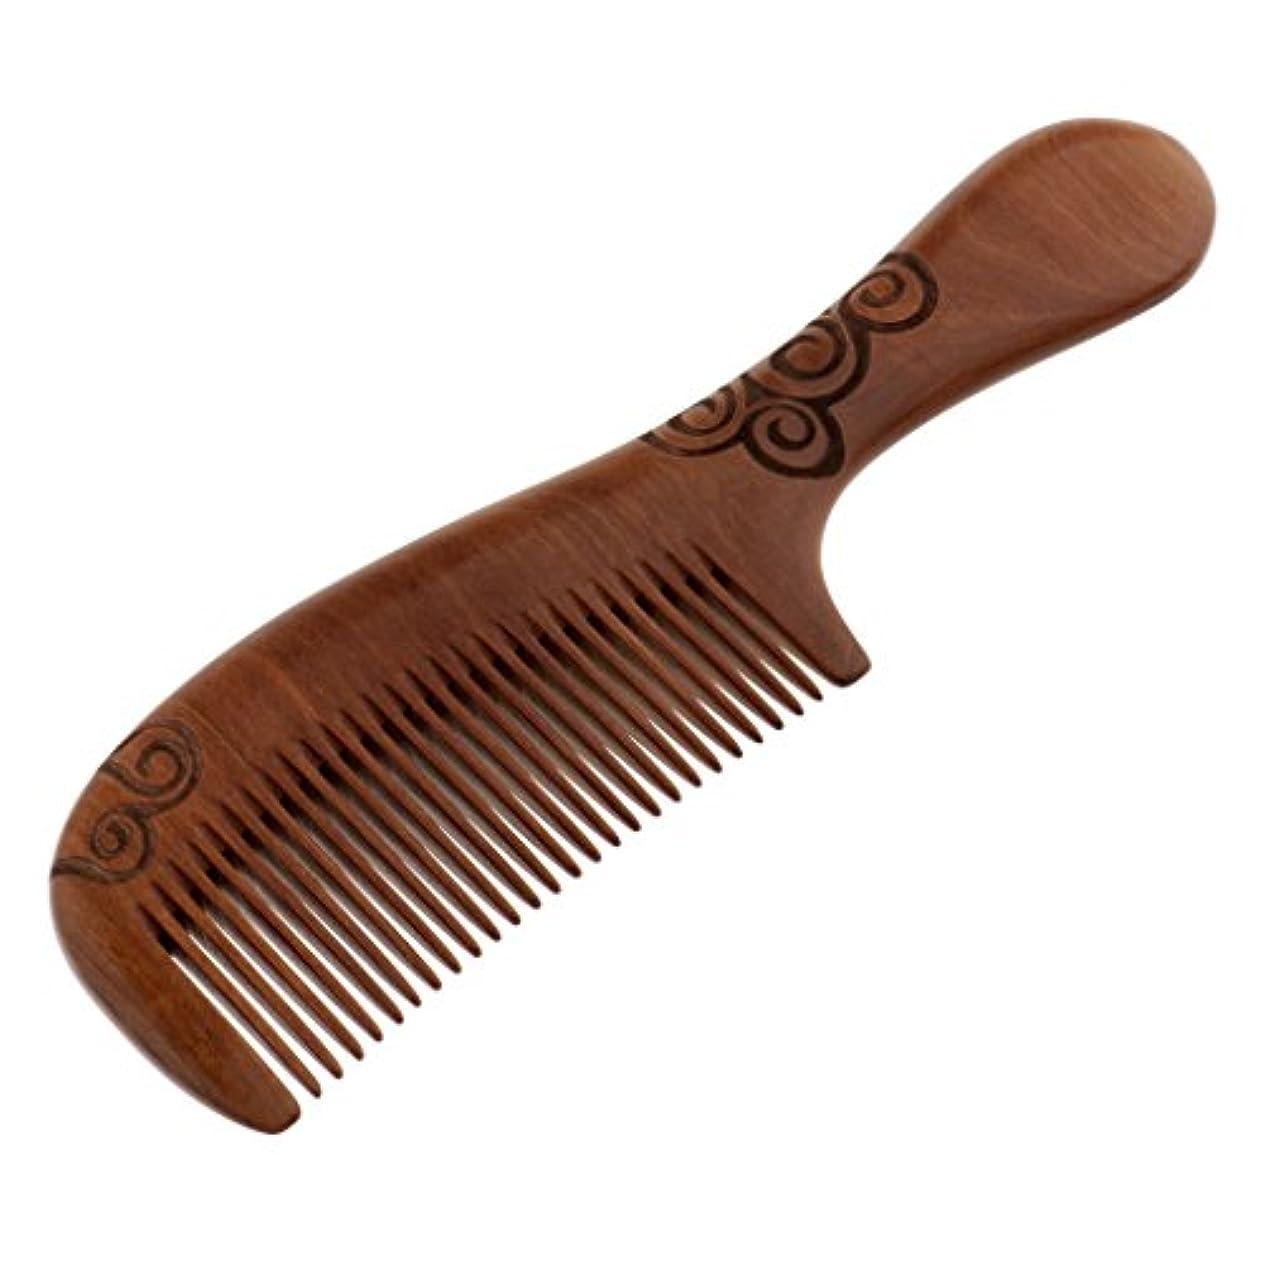 厄介な入り口安らぎToygogo くし コーム 木製 頭皮マッサージ ヘア櫛 木製ヘアコーム ヘアケア 髪の櫛 帯電防止 耐熱性